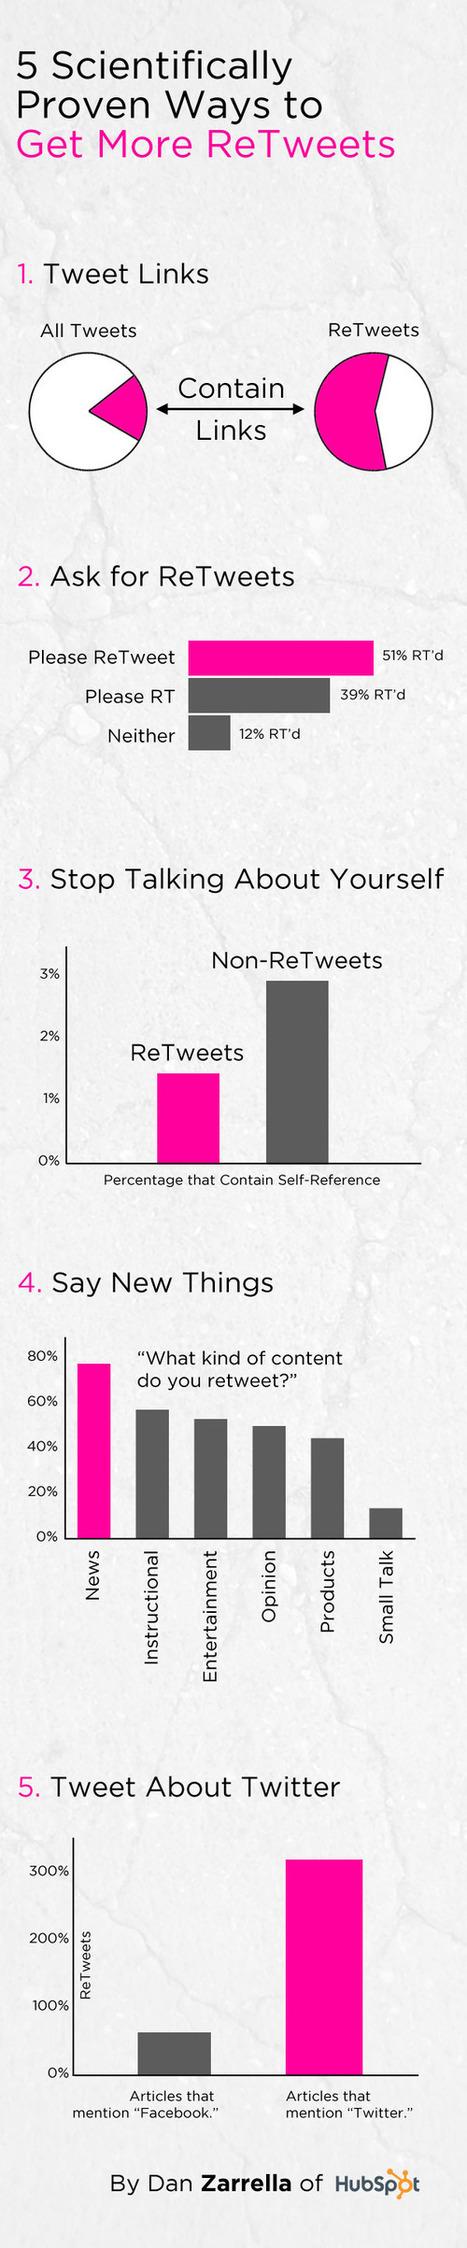 [Infographie] Twitter : 5 méthodes scientifiquement prouvées pour obtenir plus de Retweets | Web-Interviews.com | Pascal Faucompré, Mon-Habitat-Web.com | Scoop.it